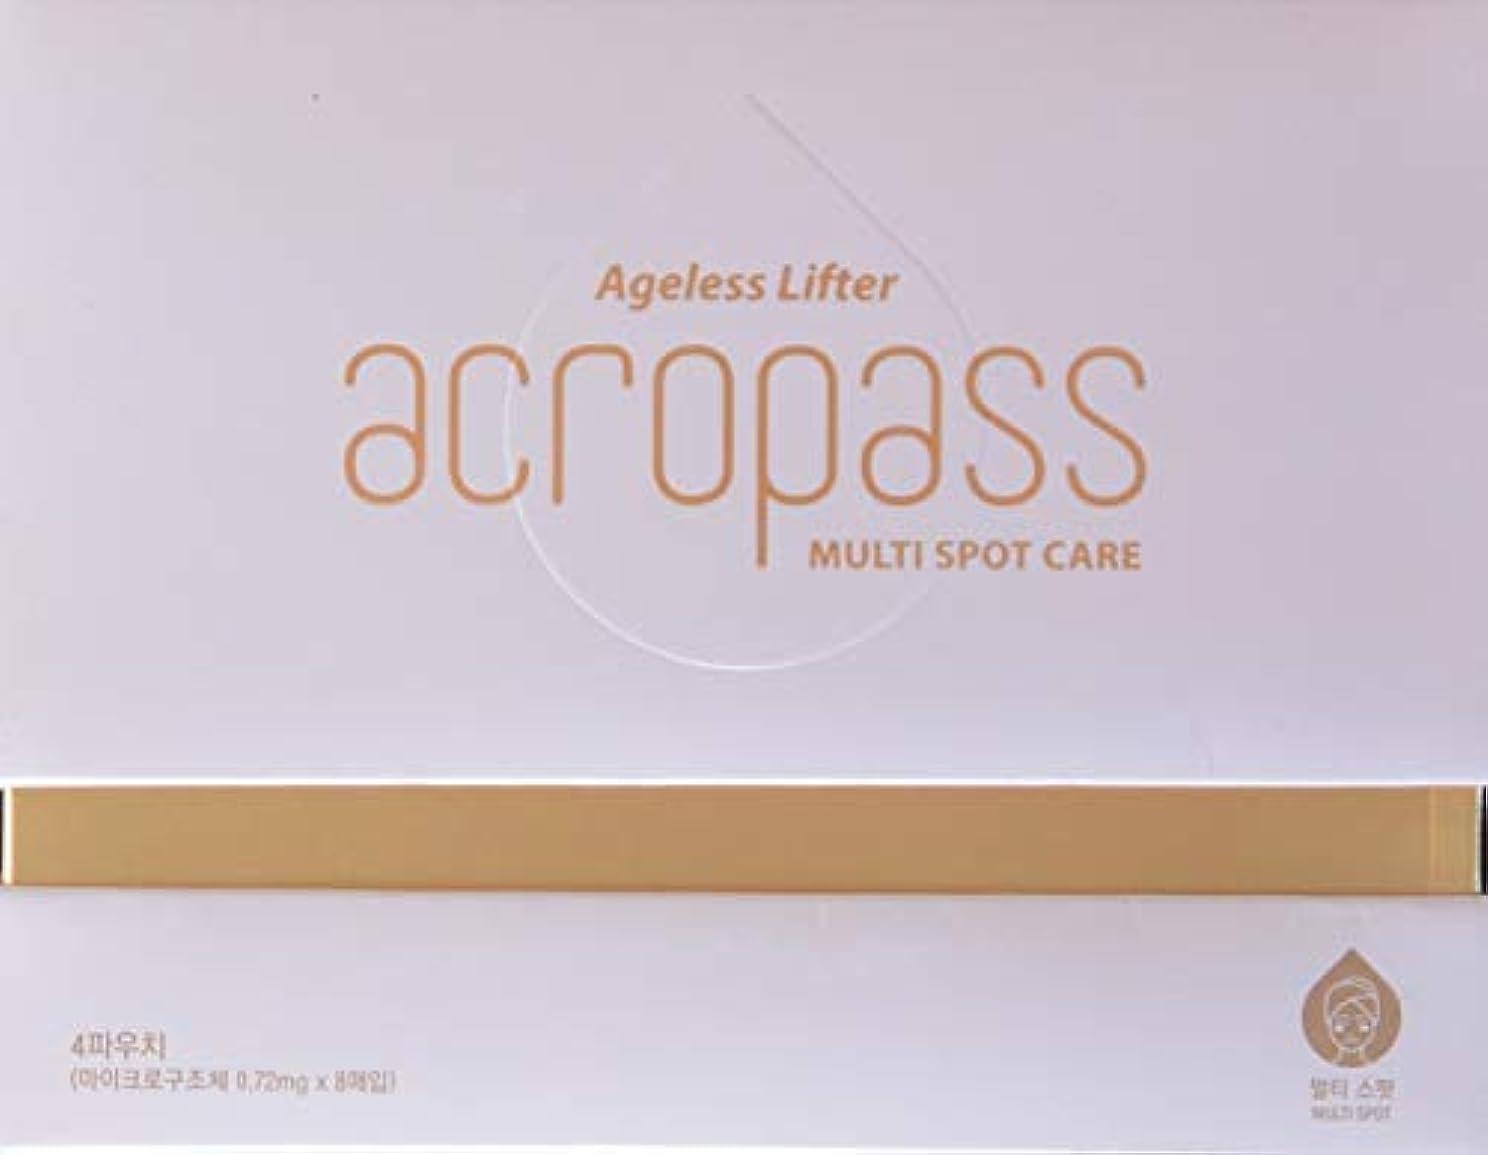 雄弁なクスコサロンアクロパス マルチスポットケア 1箱:4パウチ入り(1パウチに2枚入り) 目尻や局所用アクロパス、ヒアルロン酸+EGF配合マイクロニードルパッチ